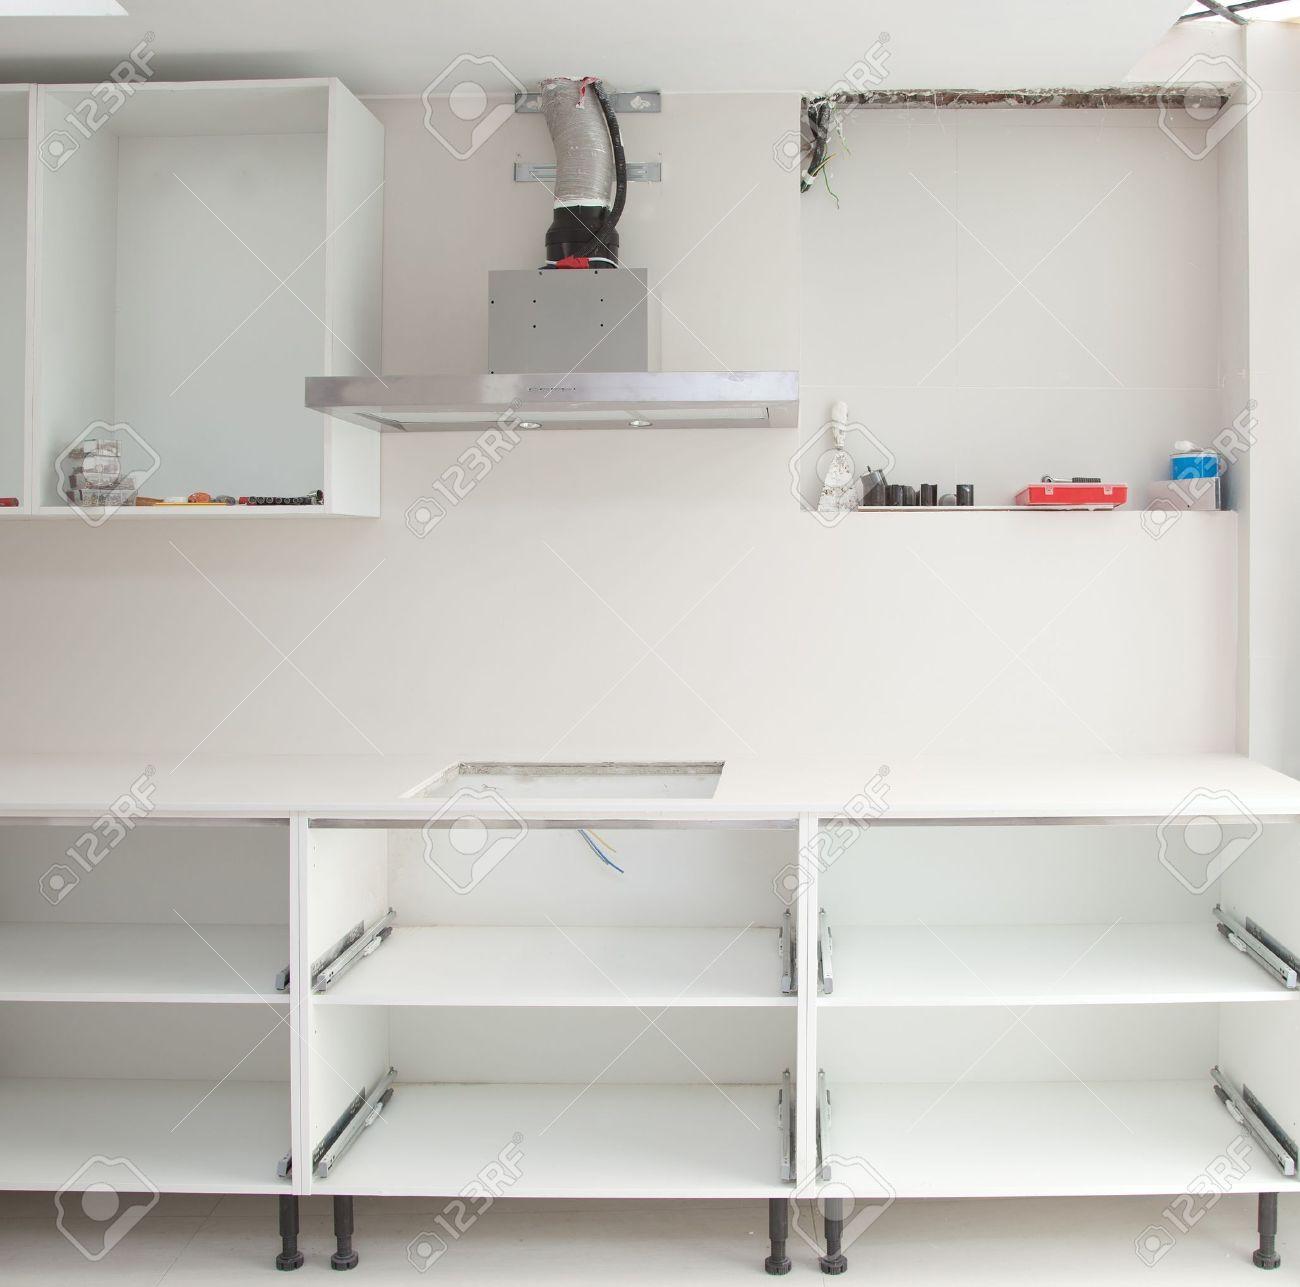 Interieur-Design Bau Einer Küche Mit Herd Dunstabzugshaube Haube ...